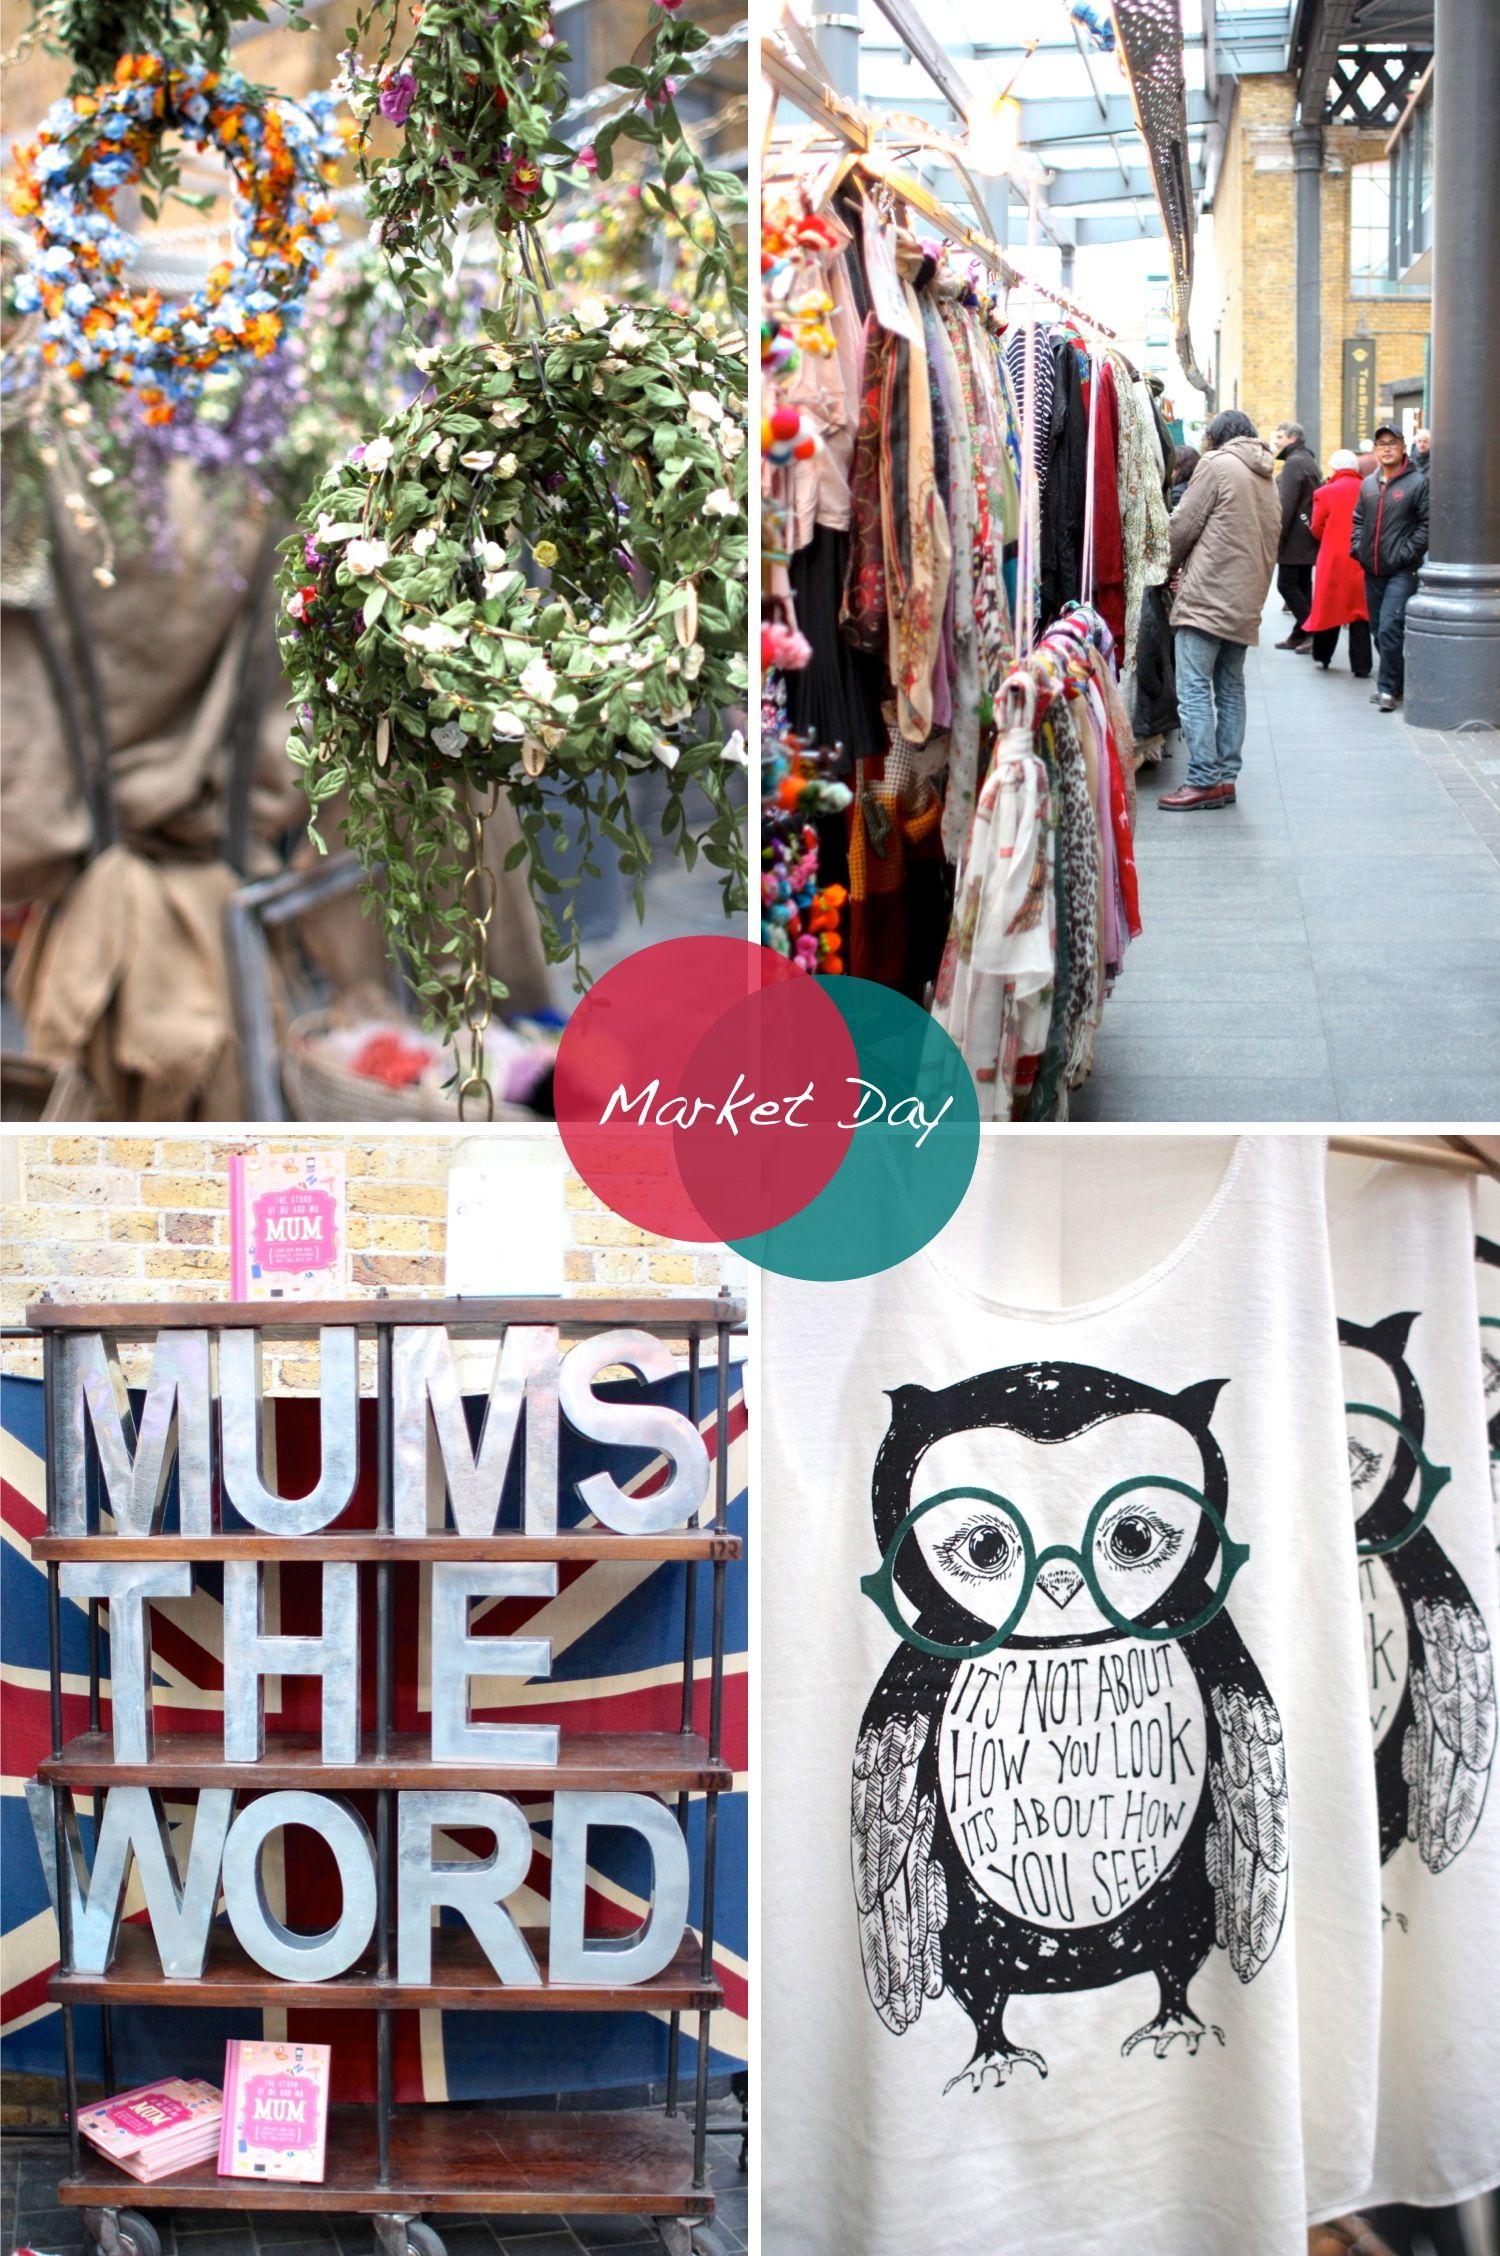 A walk around my favorite London market...